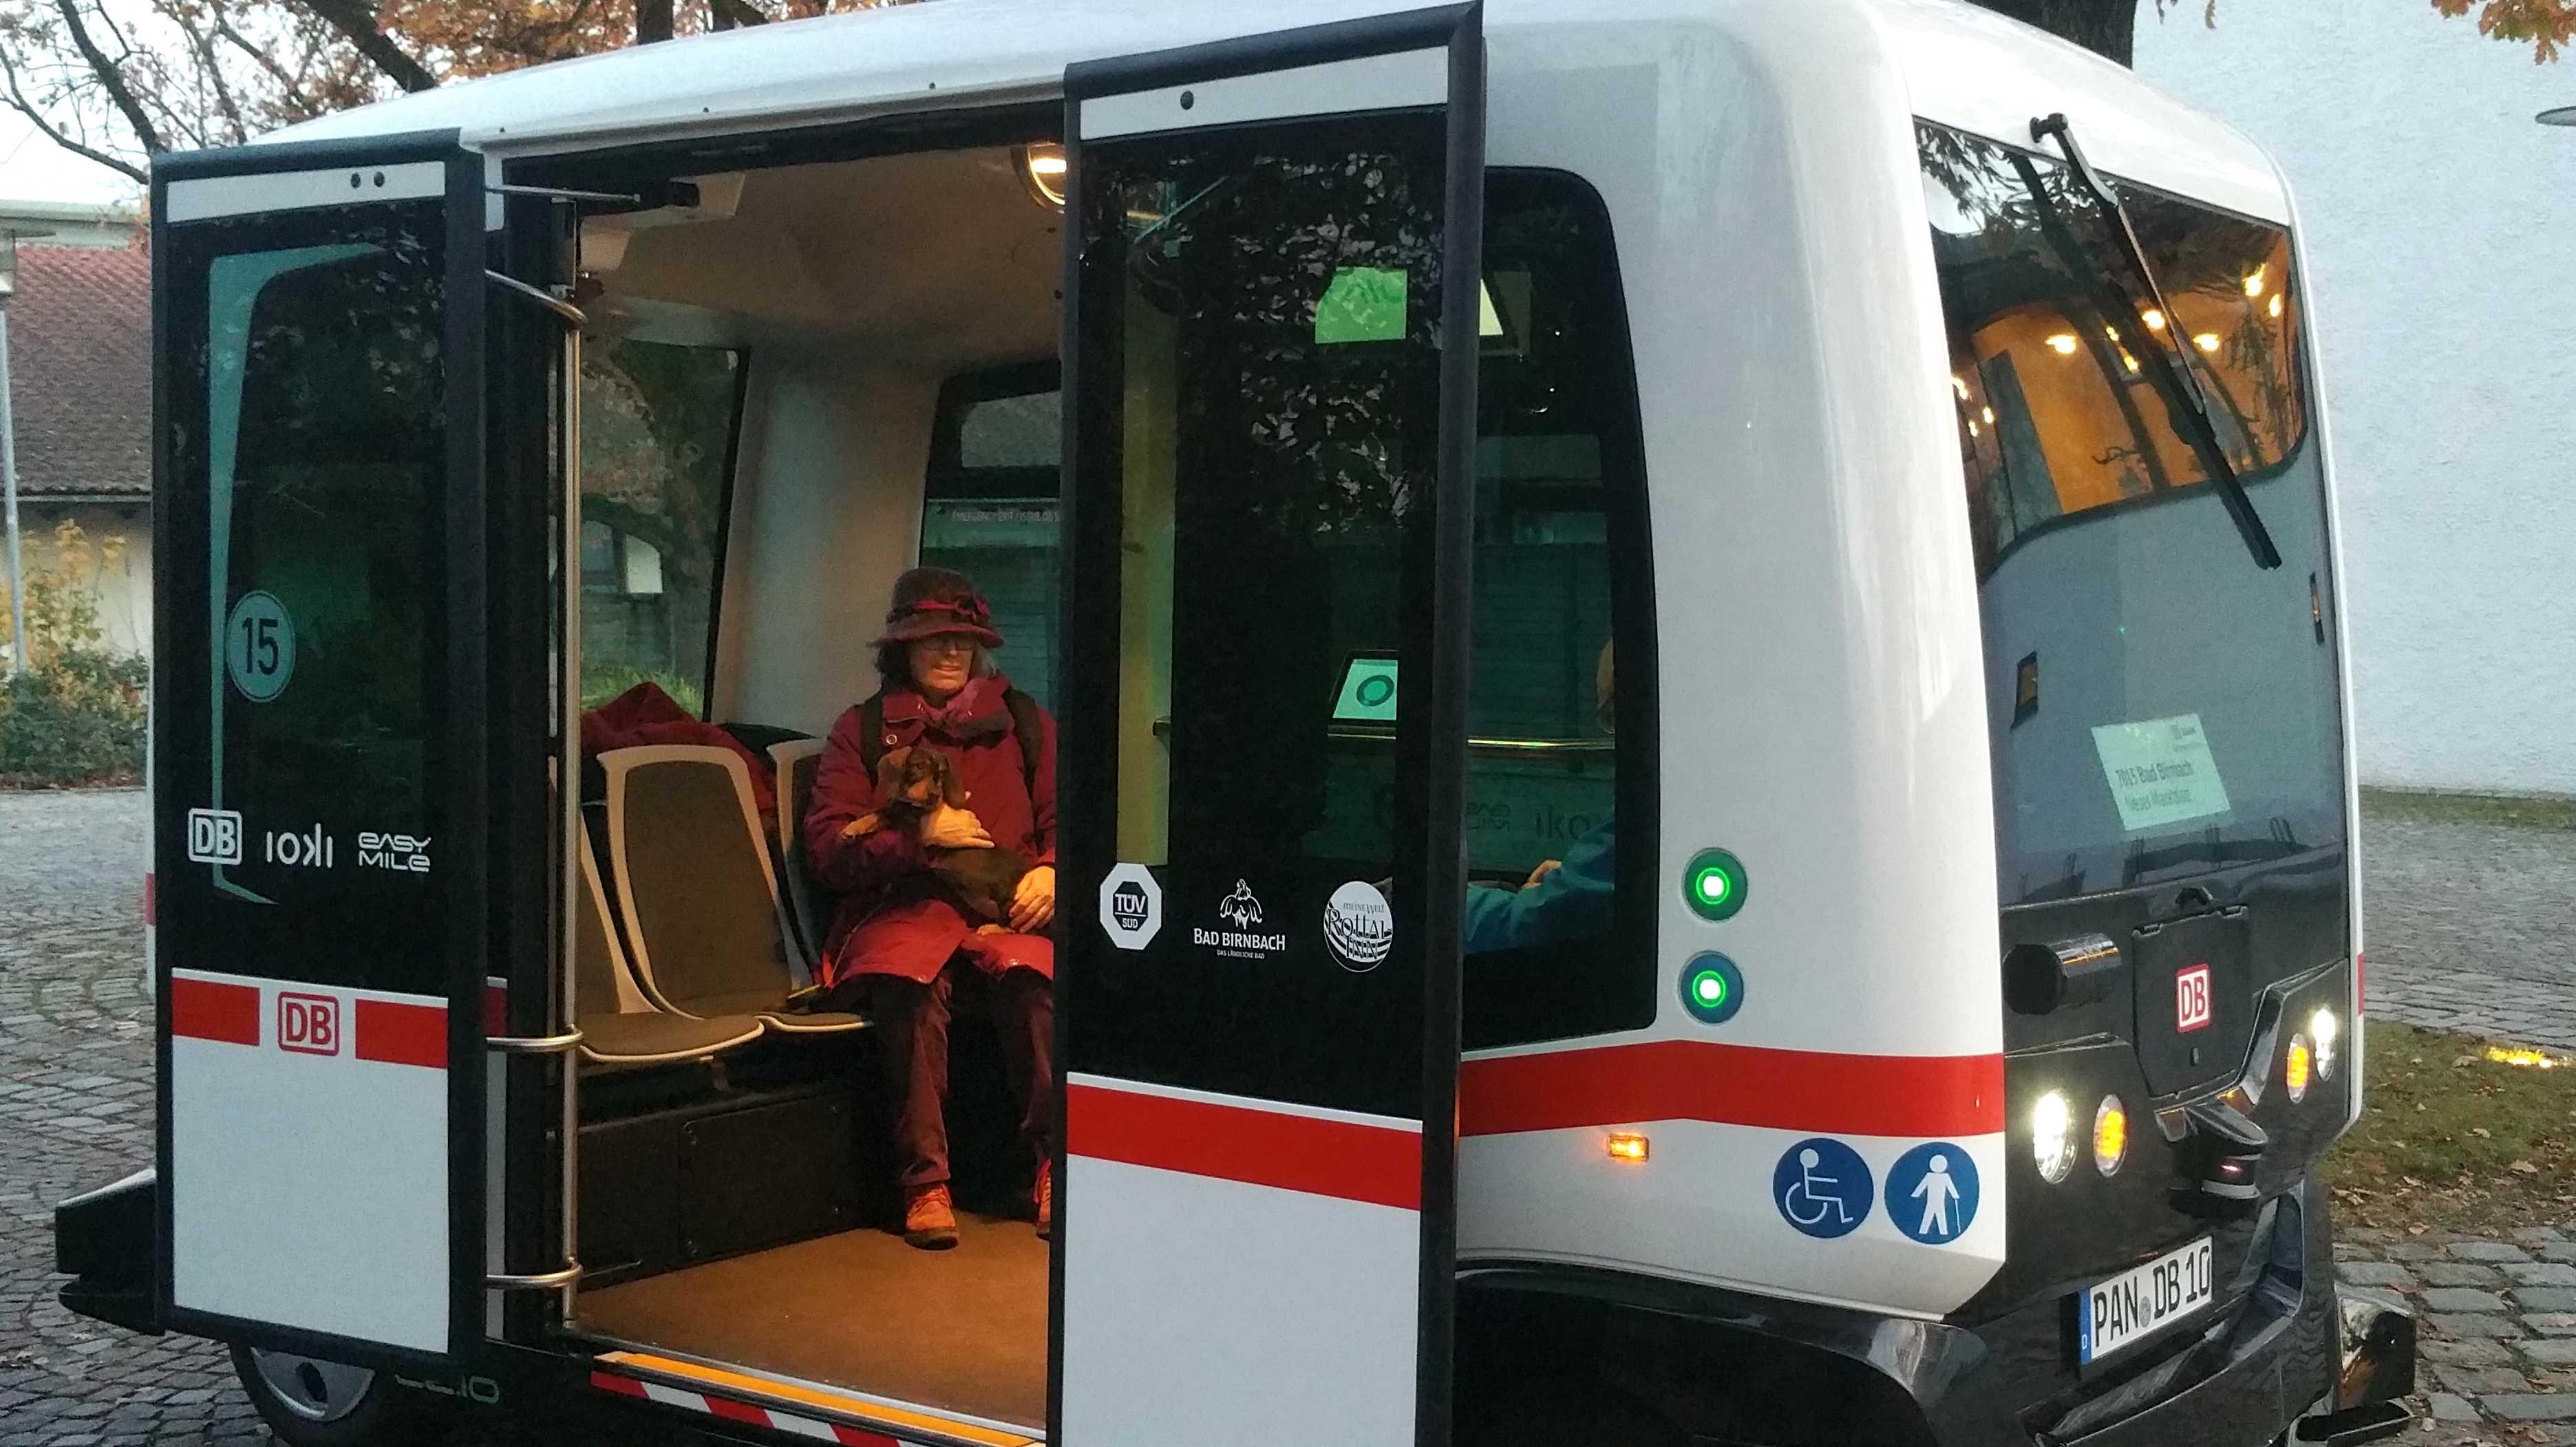 Strecke für autonomen Elektrobus in Bad Birnbach erweitert